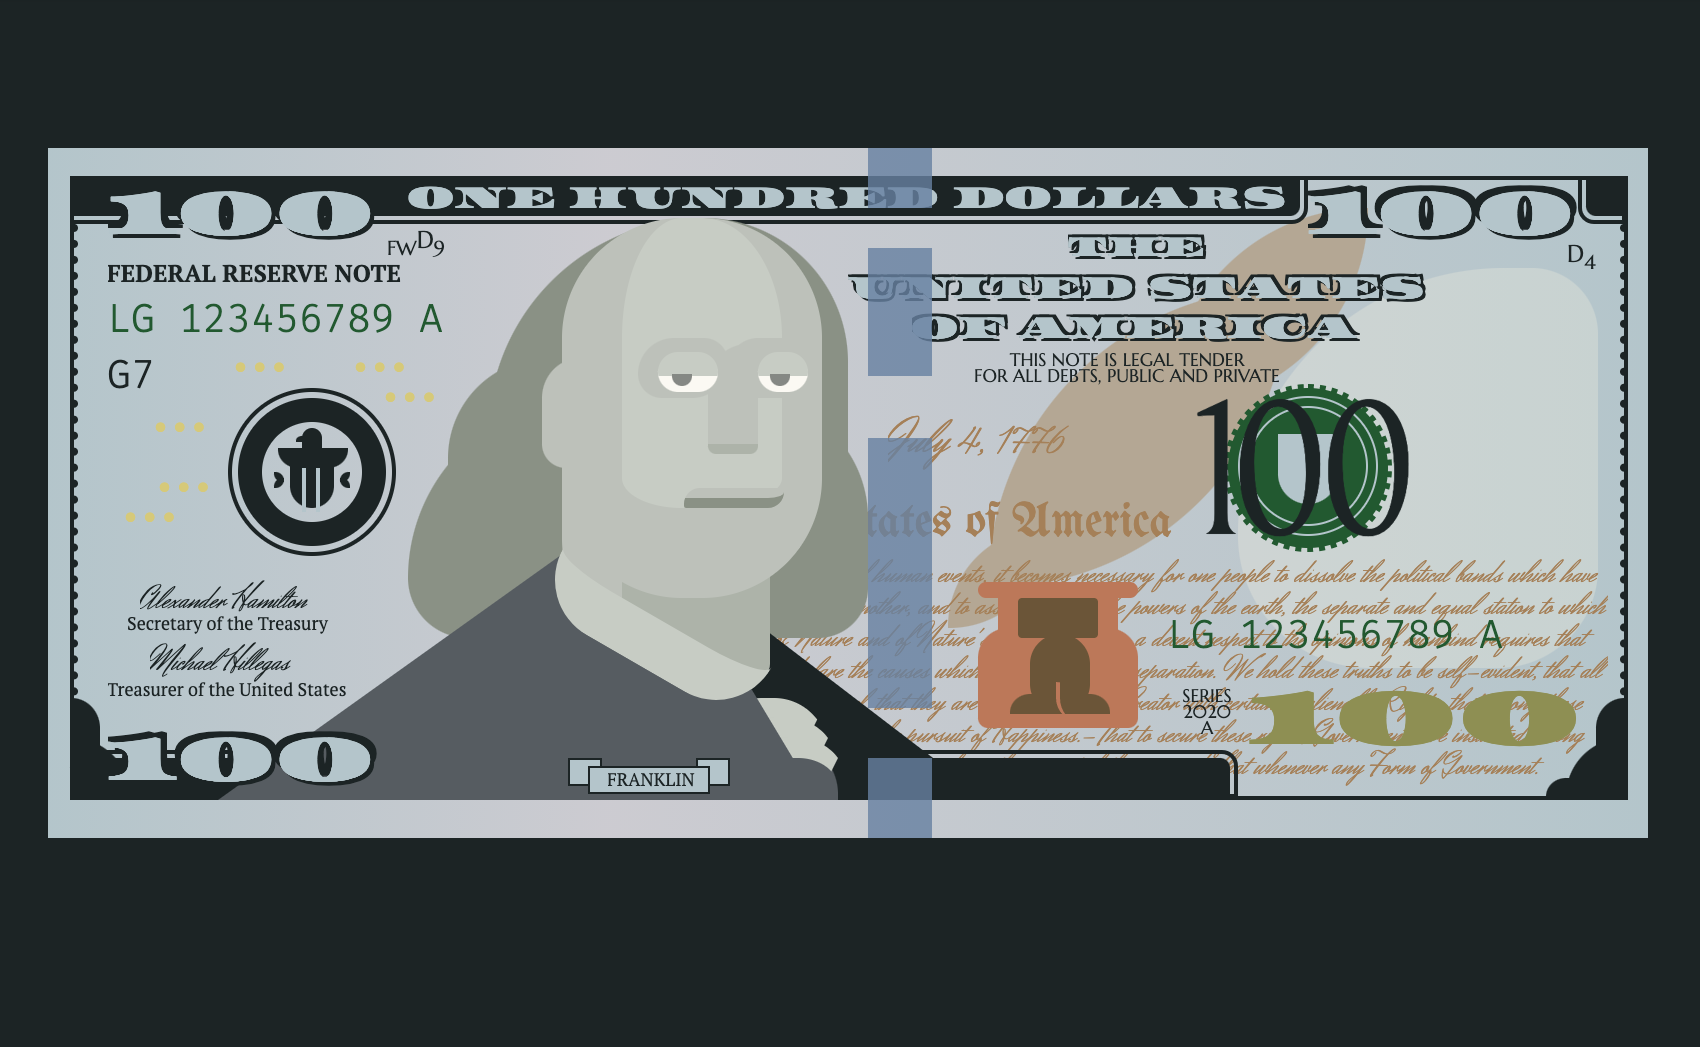 An illustration of a 100 dollar bill